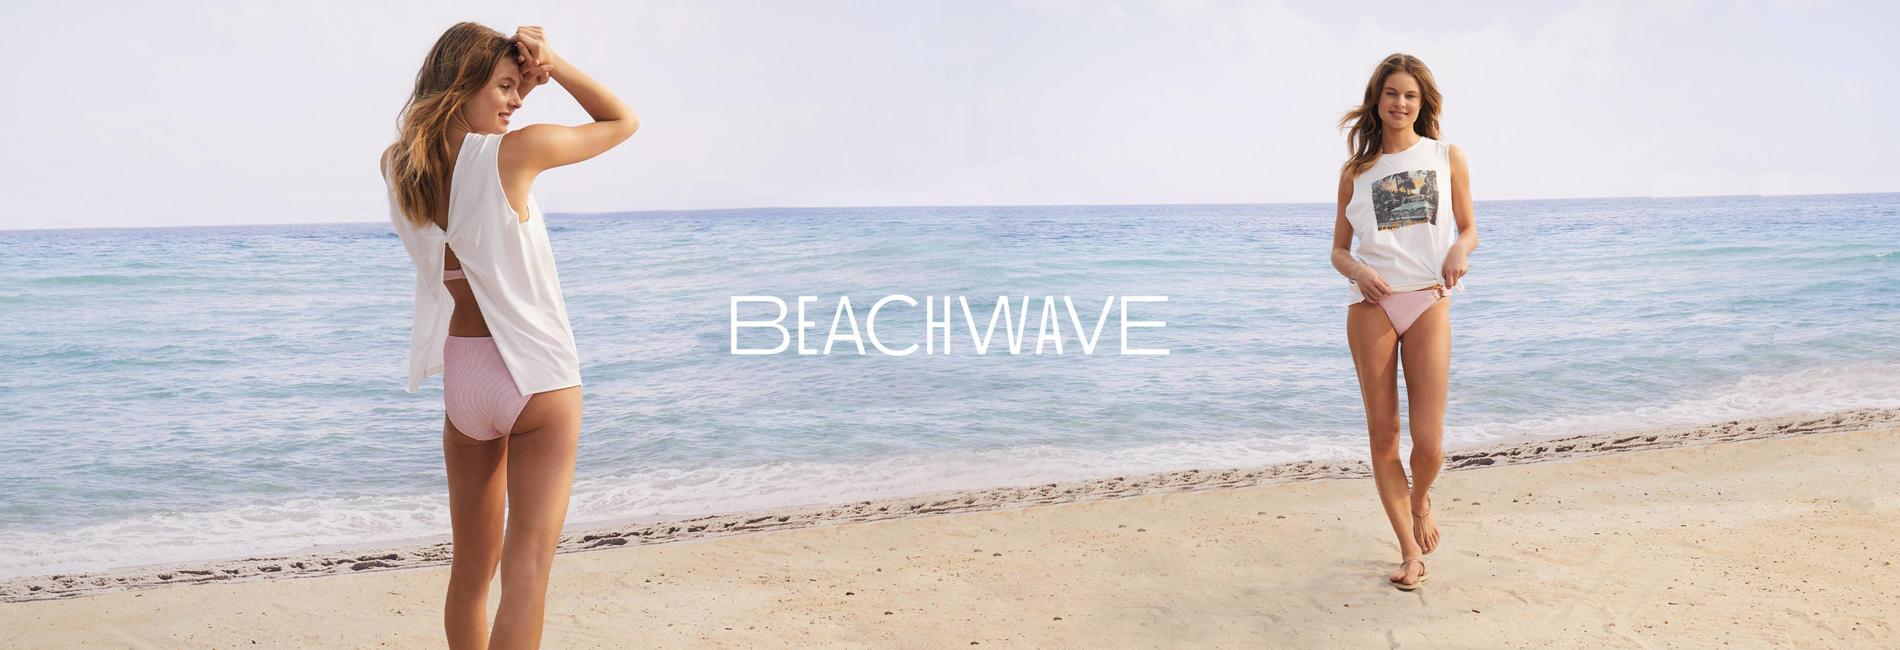 POP top teaser image